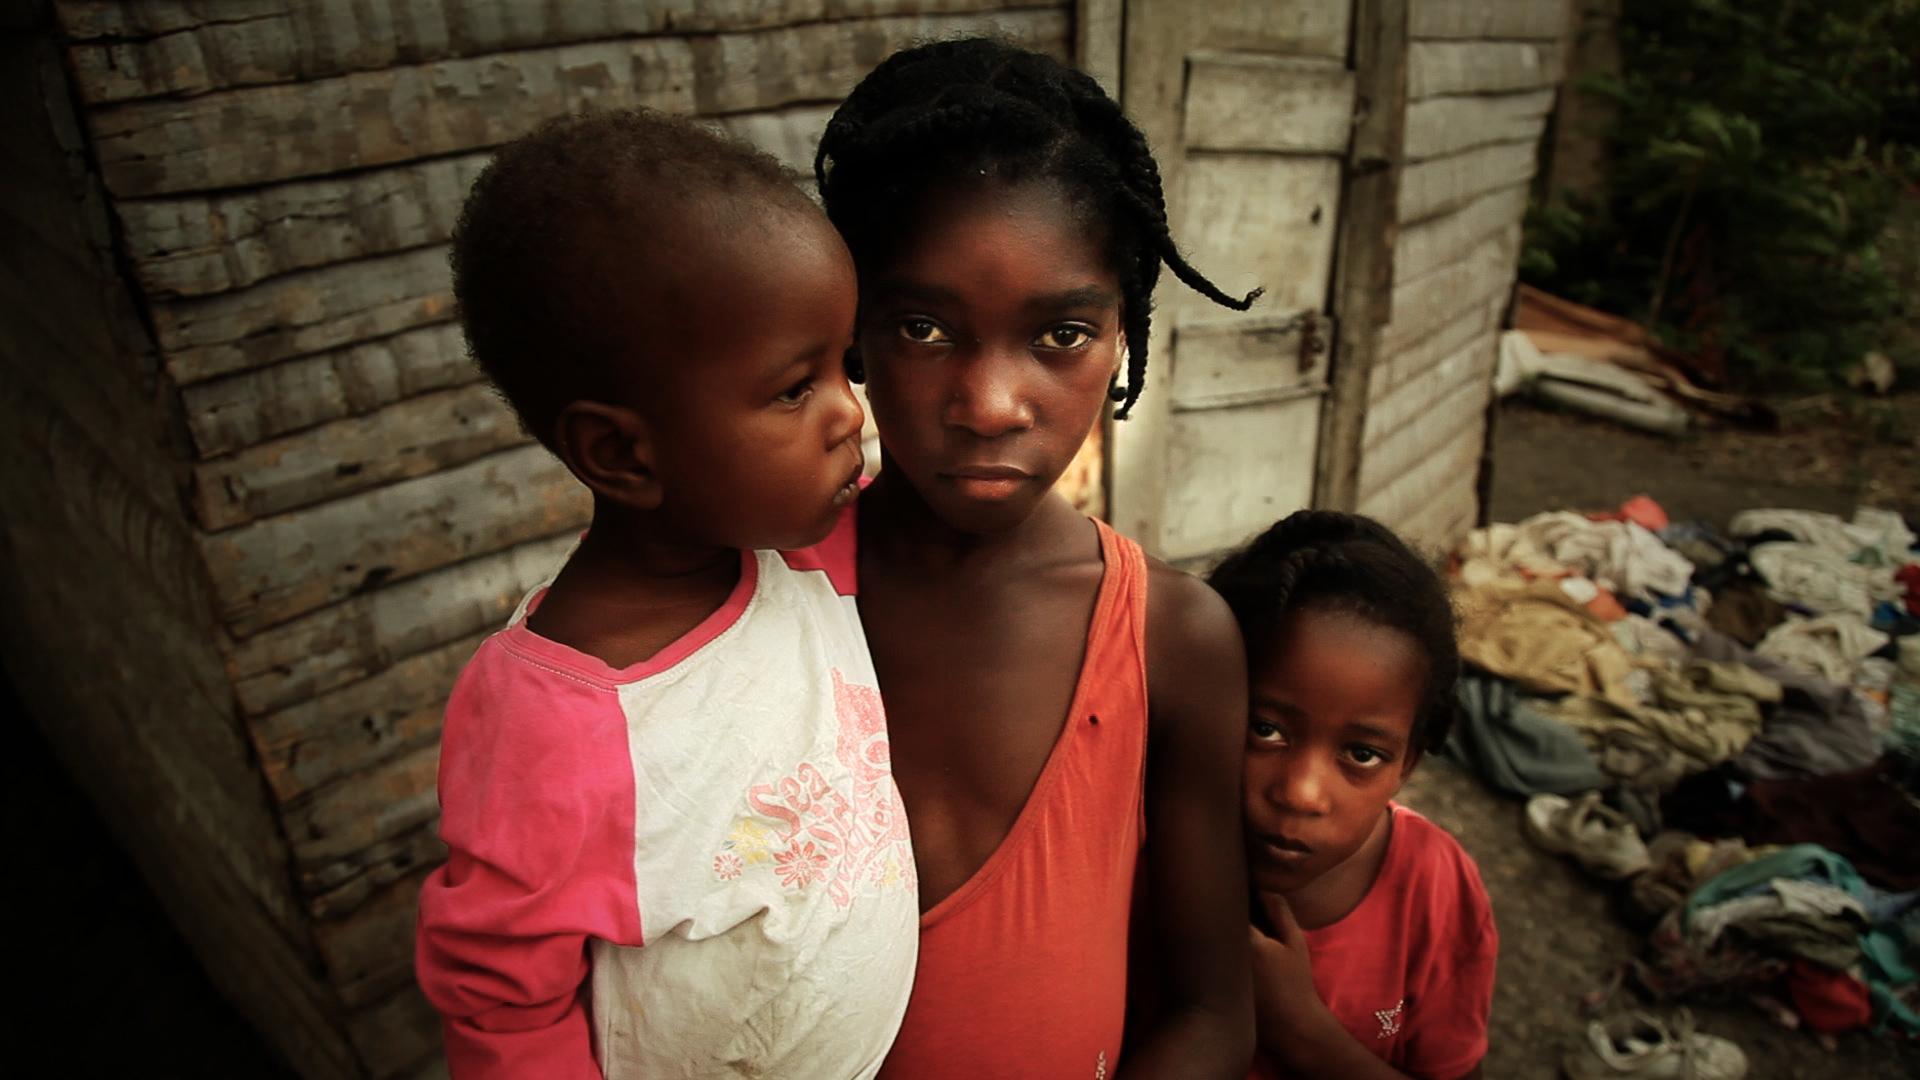 Haiti - 2010